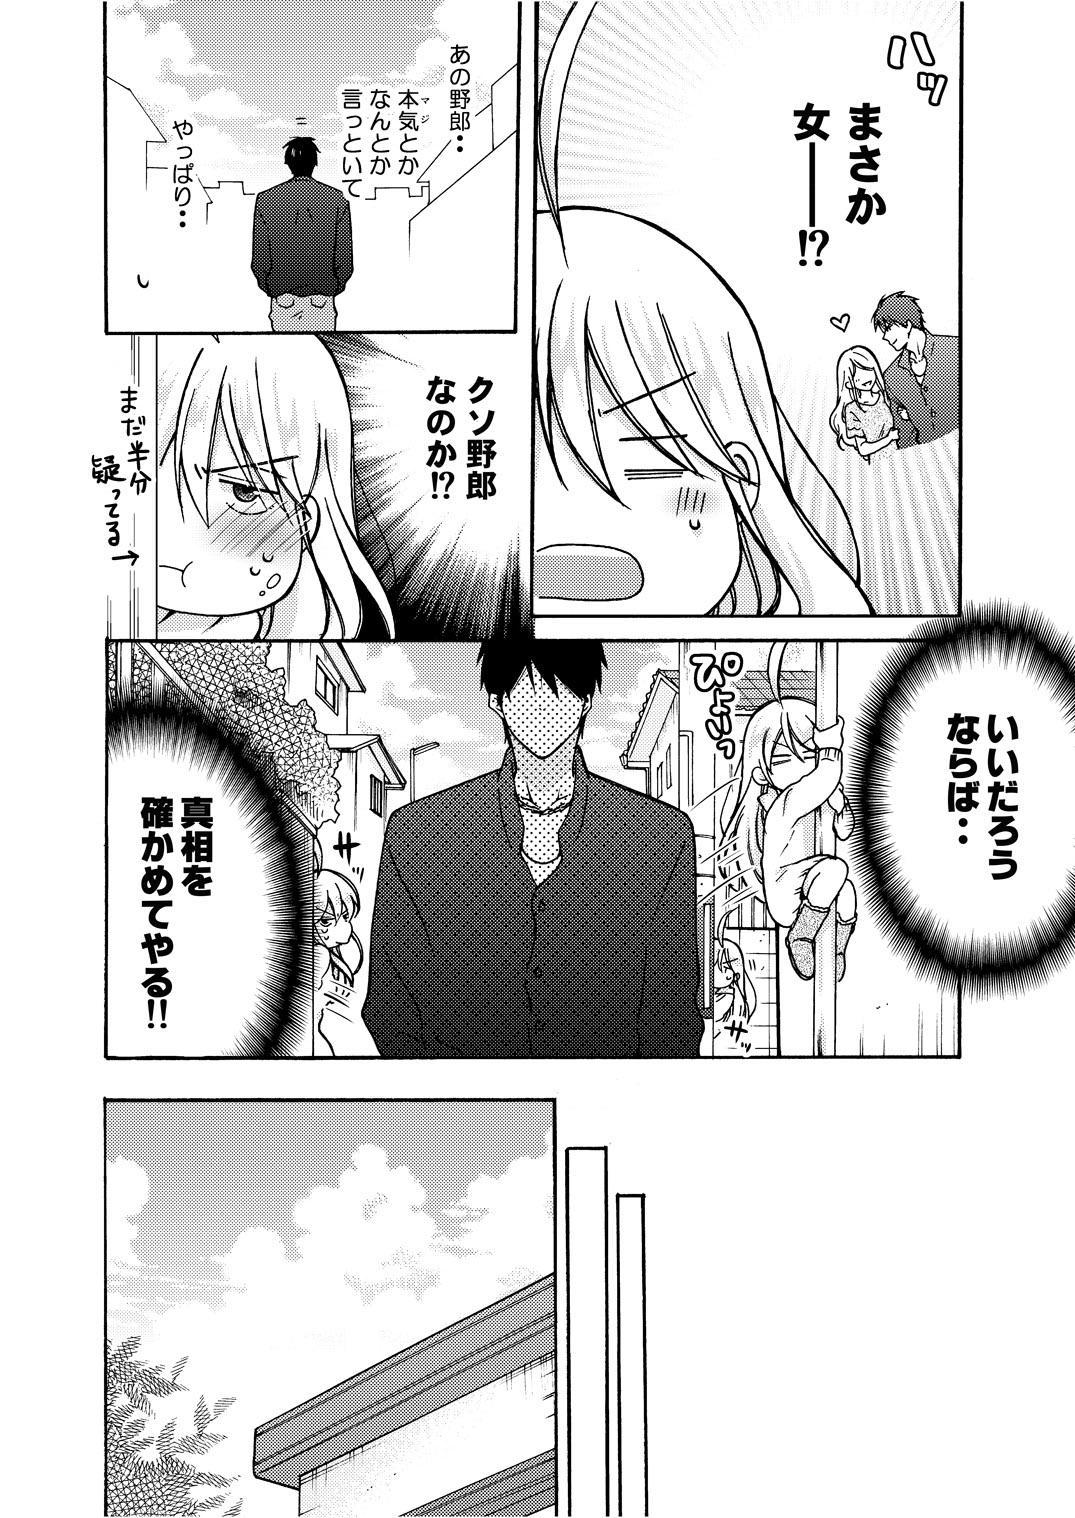 Nyotaika Yankee Gakuen ☆ Ore no Hajimete, Nerawaretemasu. 9 6